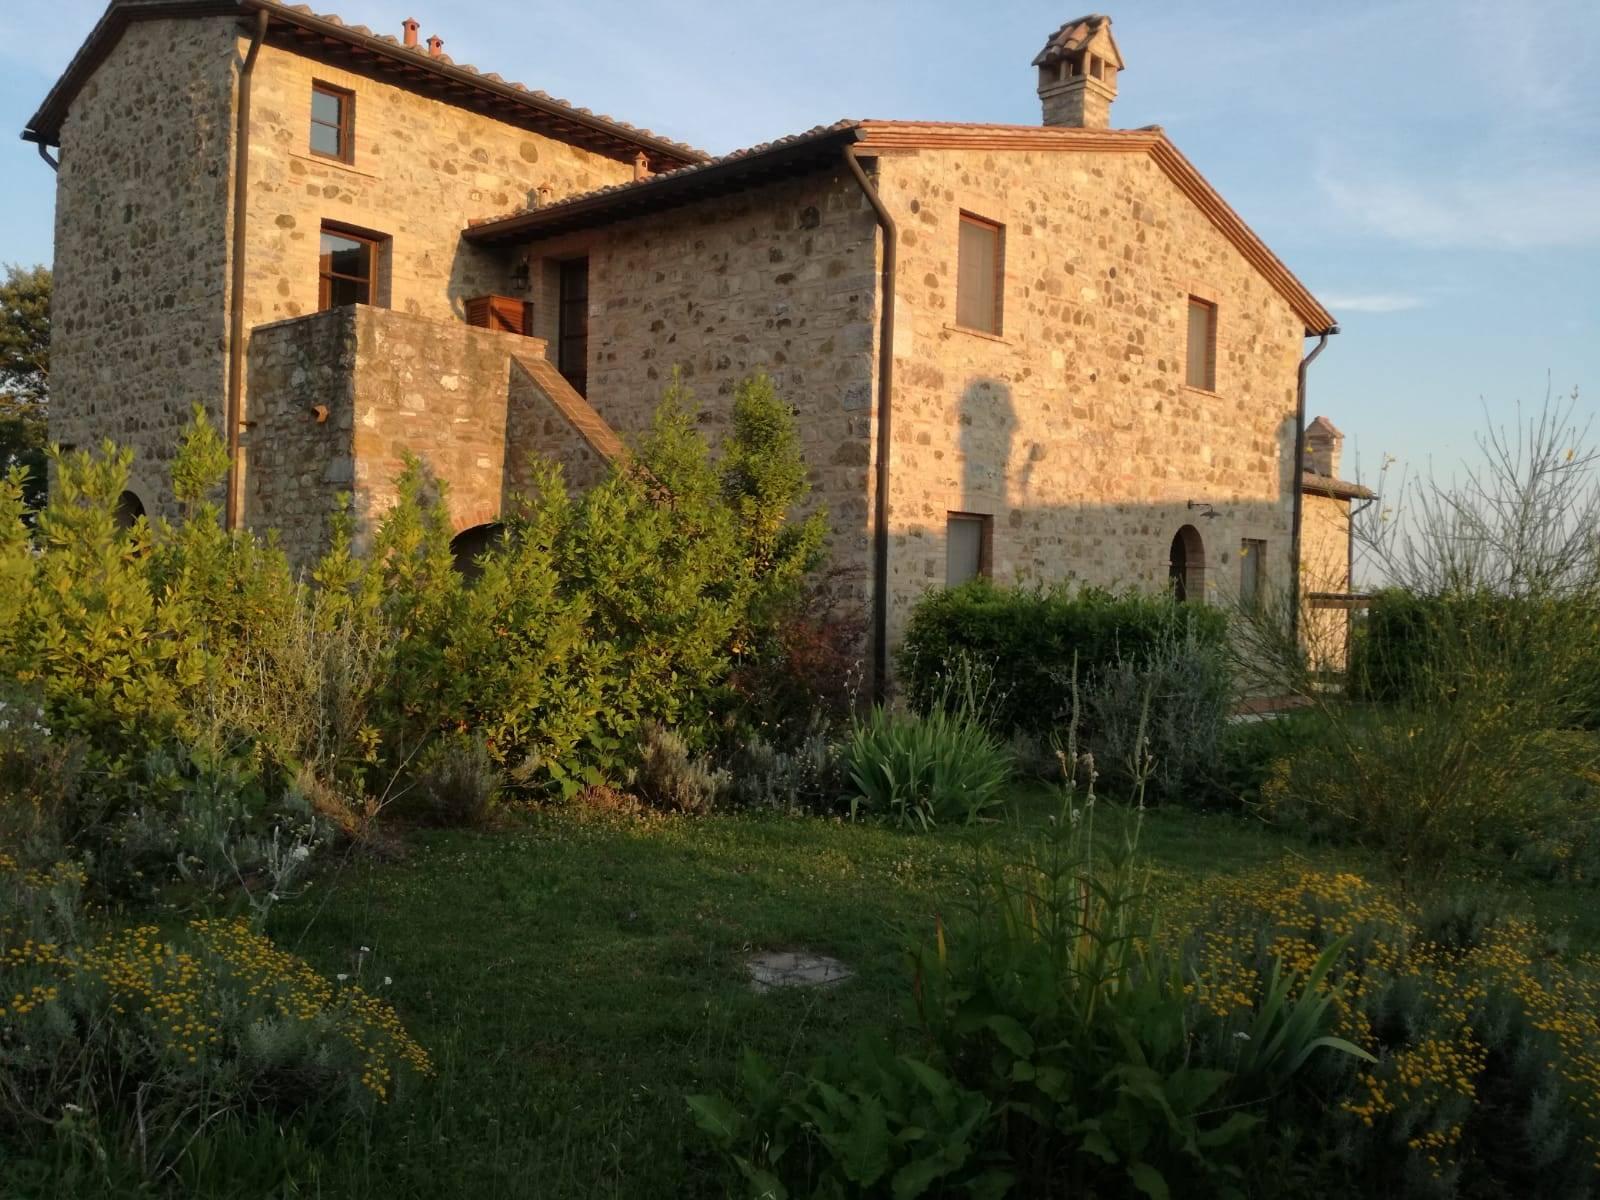 Rustico / Casale in affitto a Roccalbegna, 3 locali, zona Zona: Triana, prezzo € 3.400 | CambioCasa.it